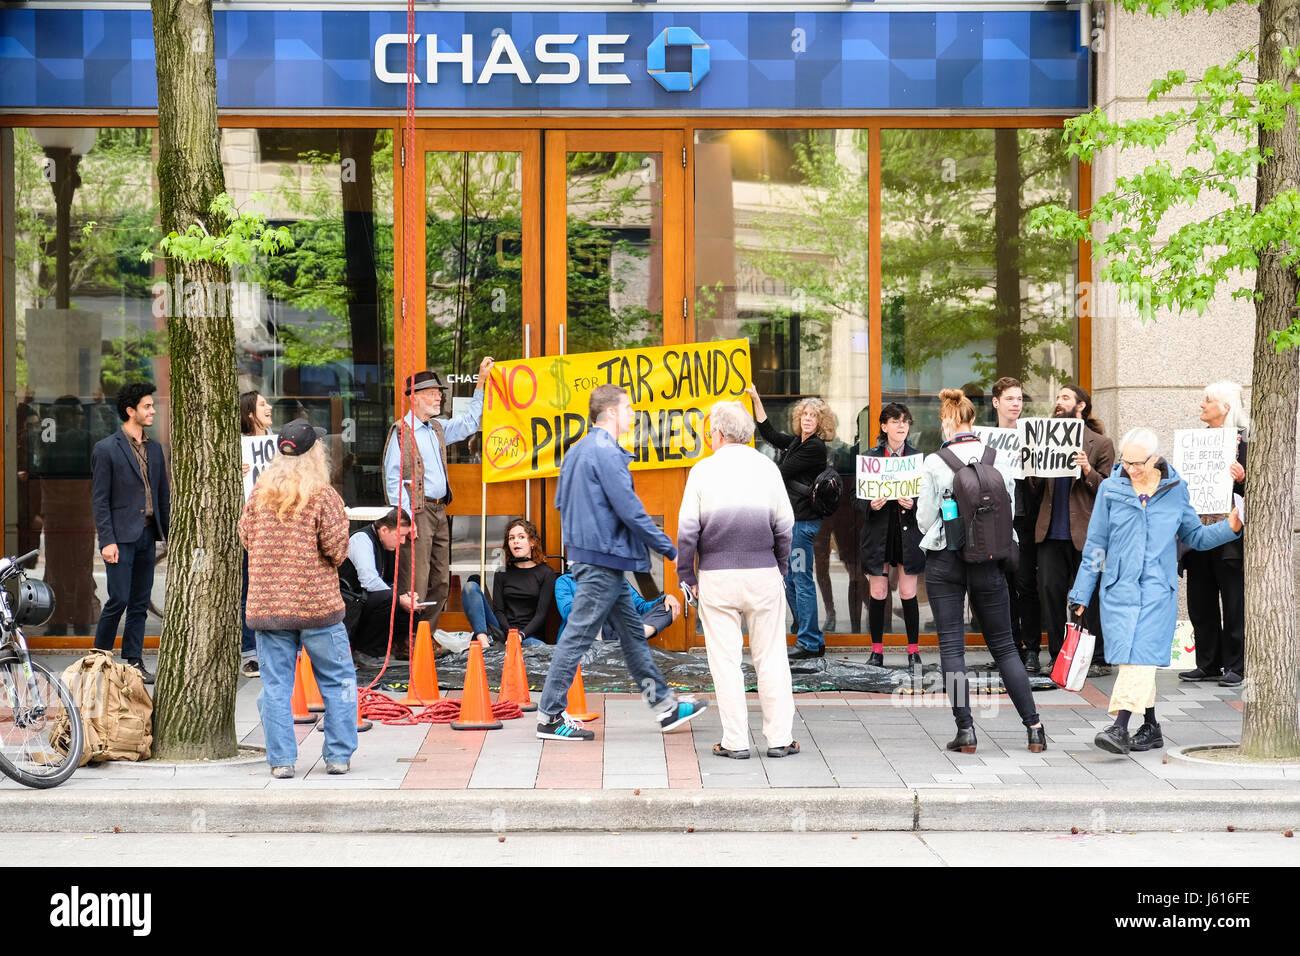 Personas que protestaban contra las arenas alquitranadas ducto en frente de Chase Bank, Seattle, Washington, EE.UU. Imagen De Stock